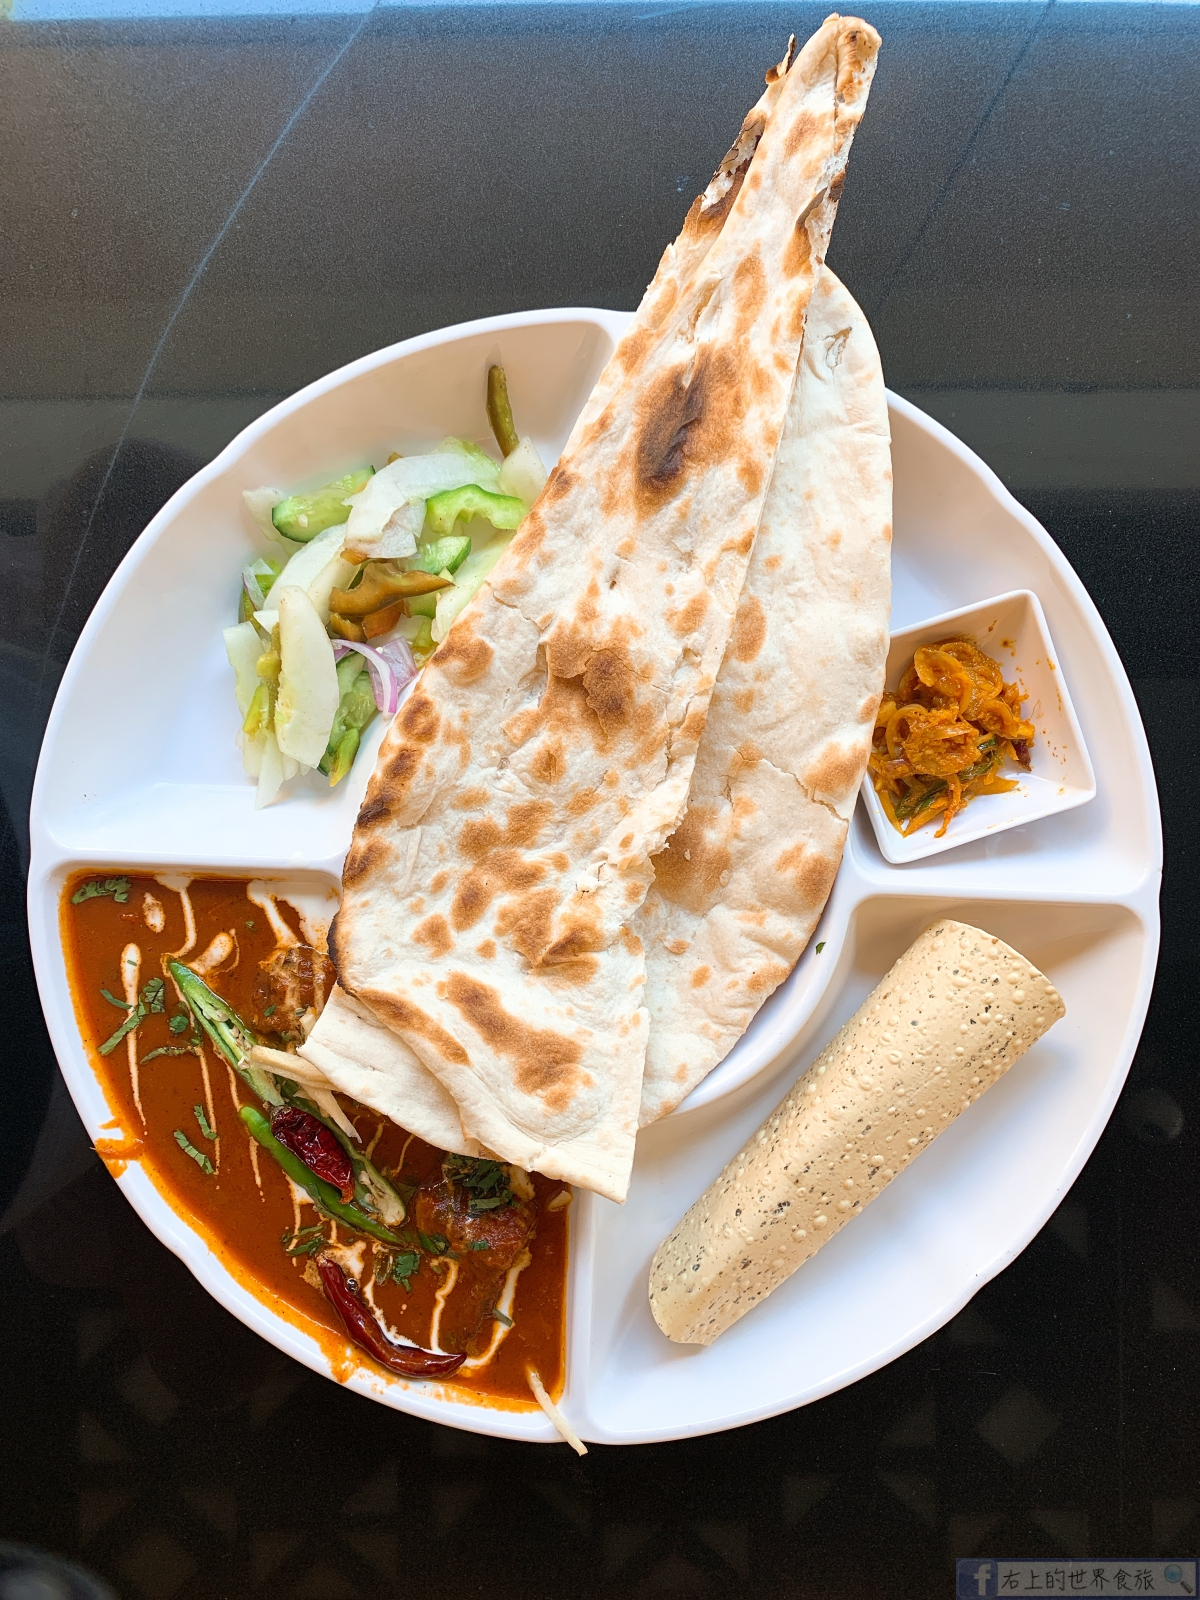 斯里蘭卡旅遊須知|簽證.匯率.網路.美食購物.住宿等基本資訊&馬印航空初體驗 @右上的世界食旅